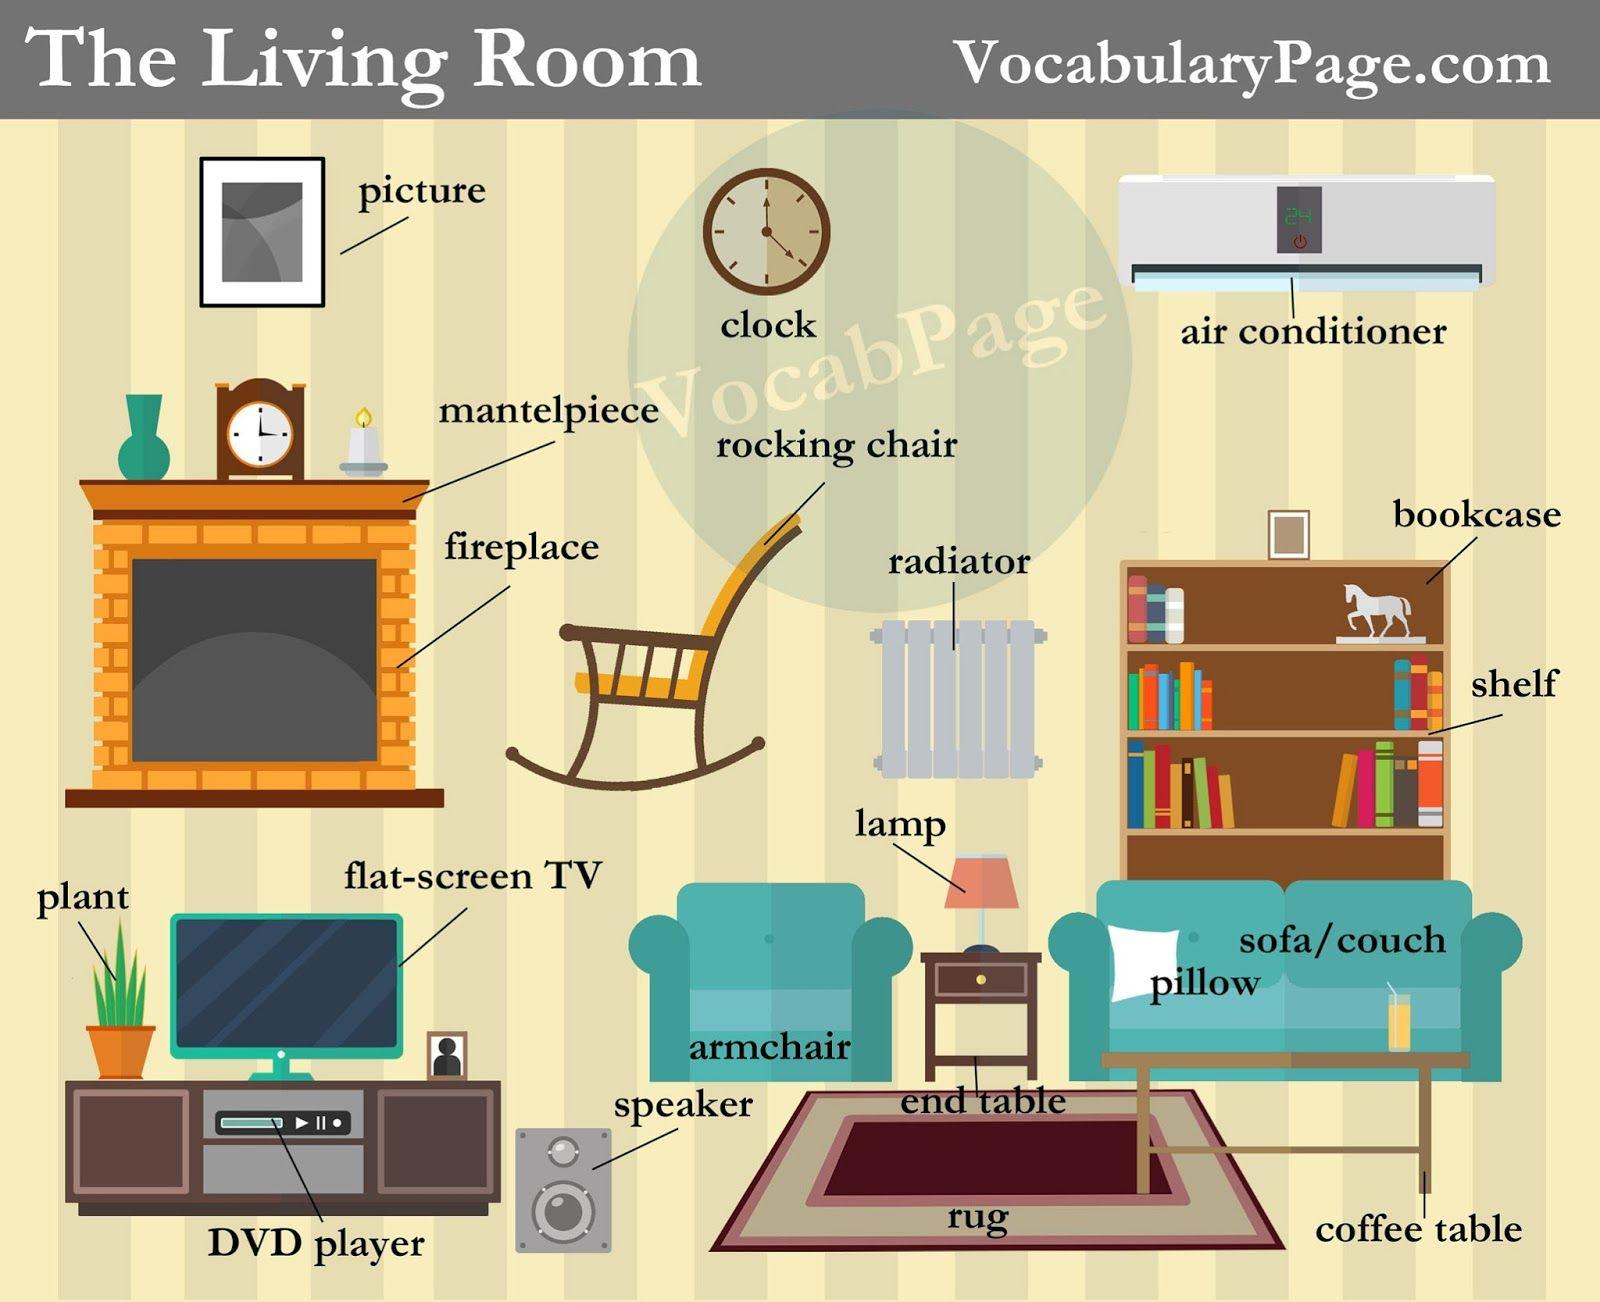 Living Room Vocabulary